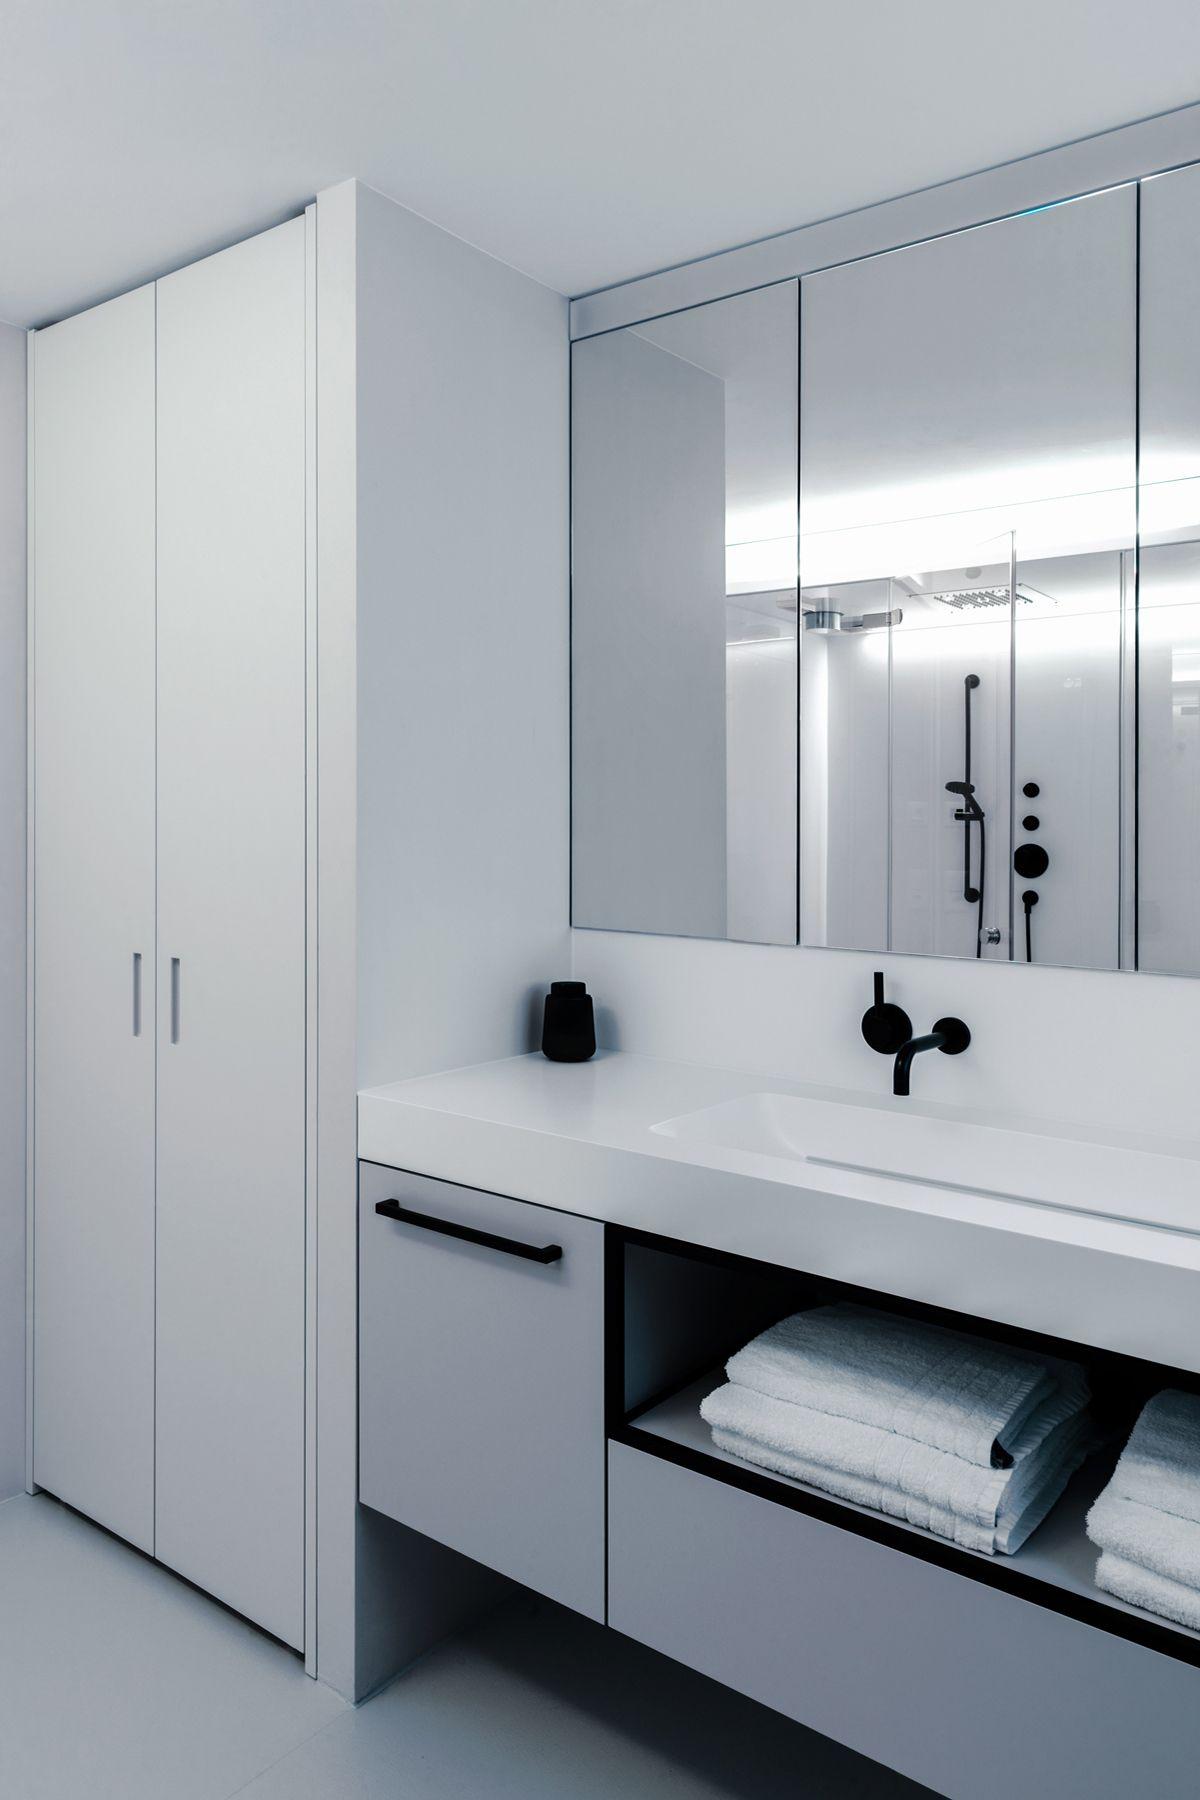 Bathroom Badezimmer Lighting Tiles Kerlite Dornbracht Armaturen Sink Lavabo Corian Talsee Schreiner Laufen Lavabo Dampfdusche Swiss Architecture